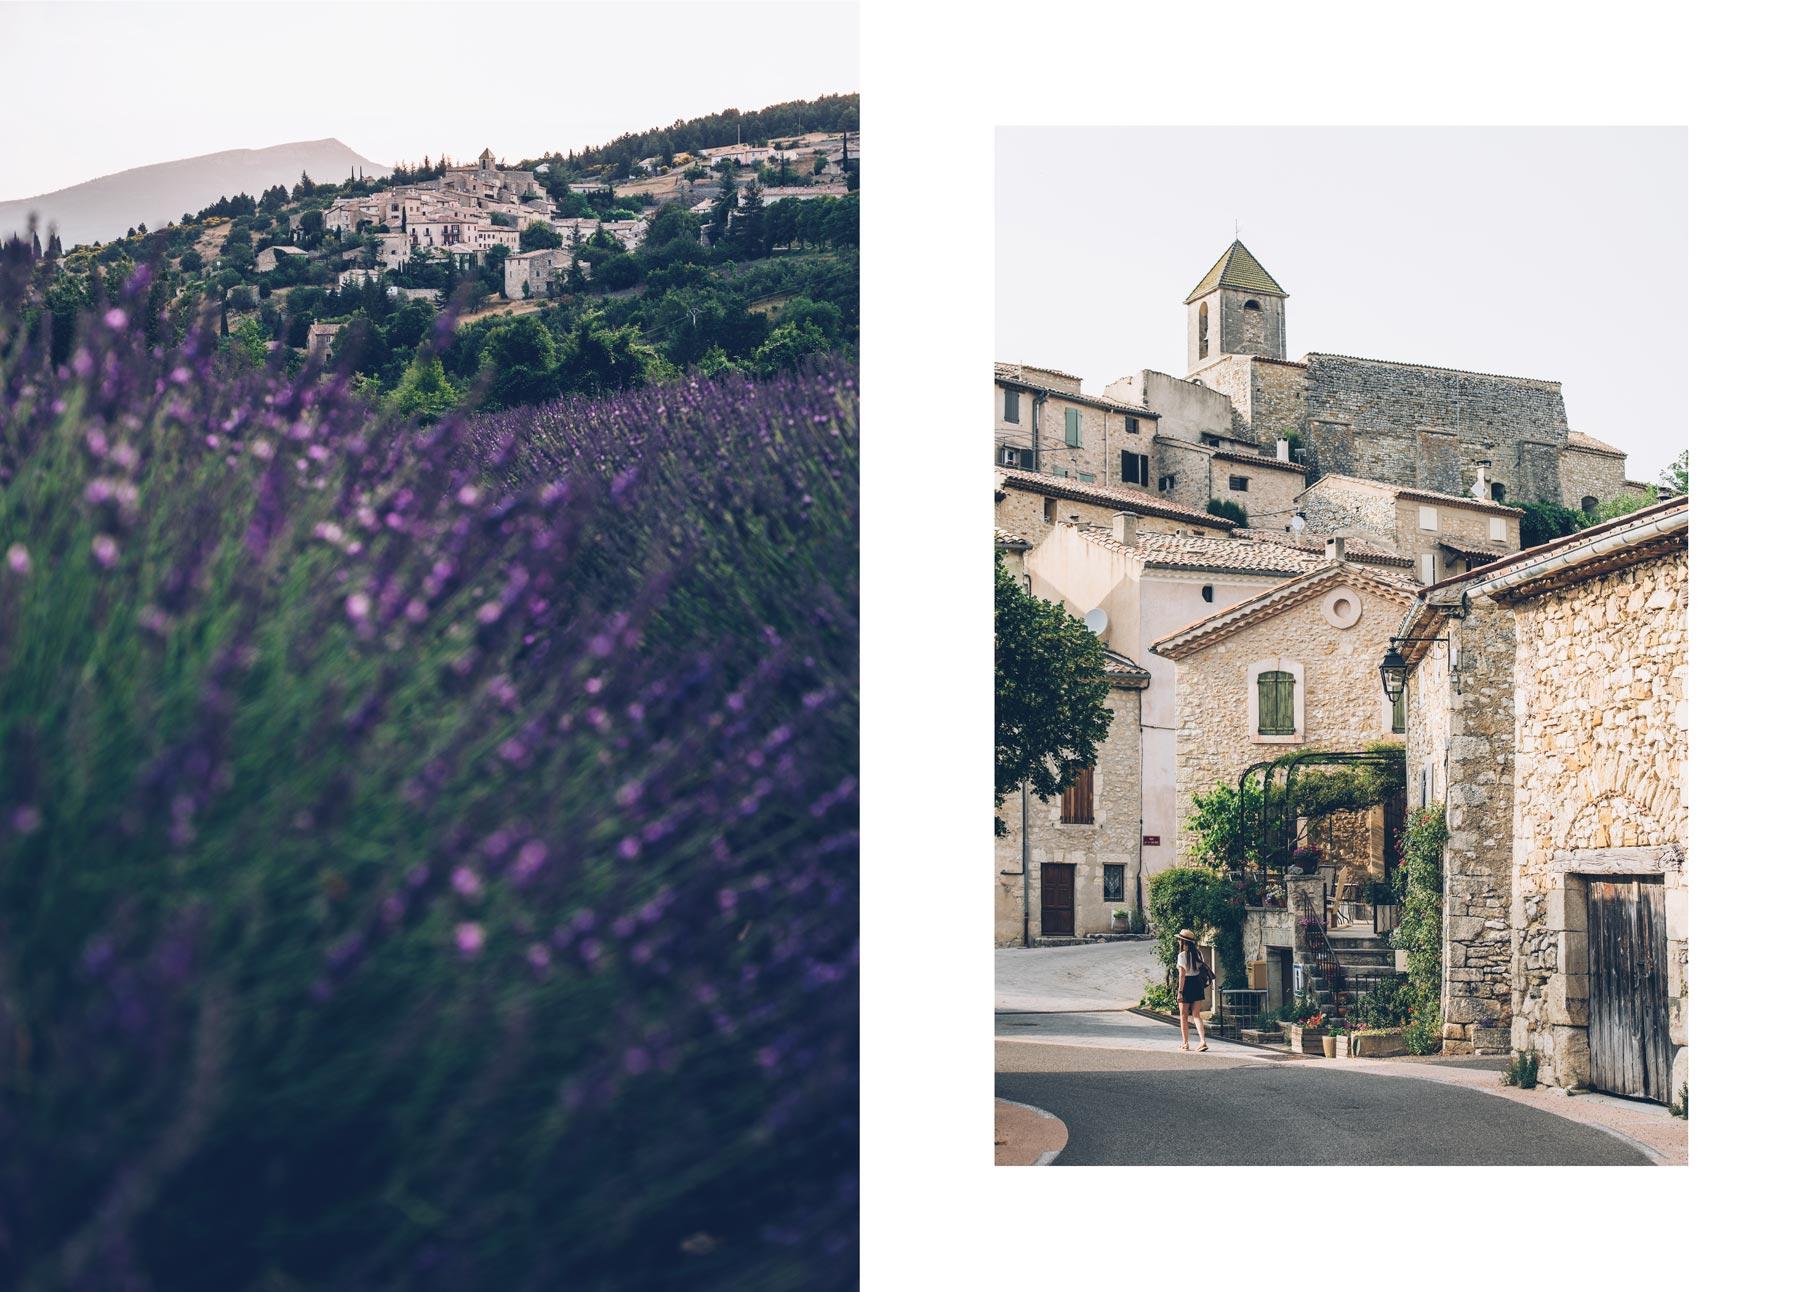 Aurel, village en Vaucluse